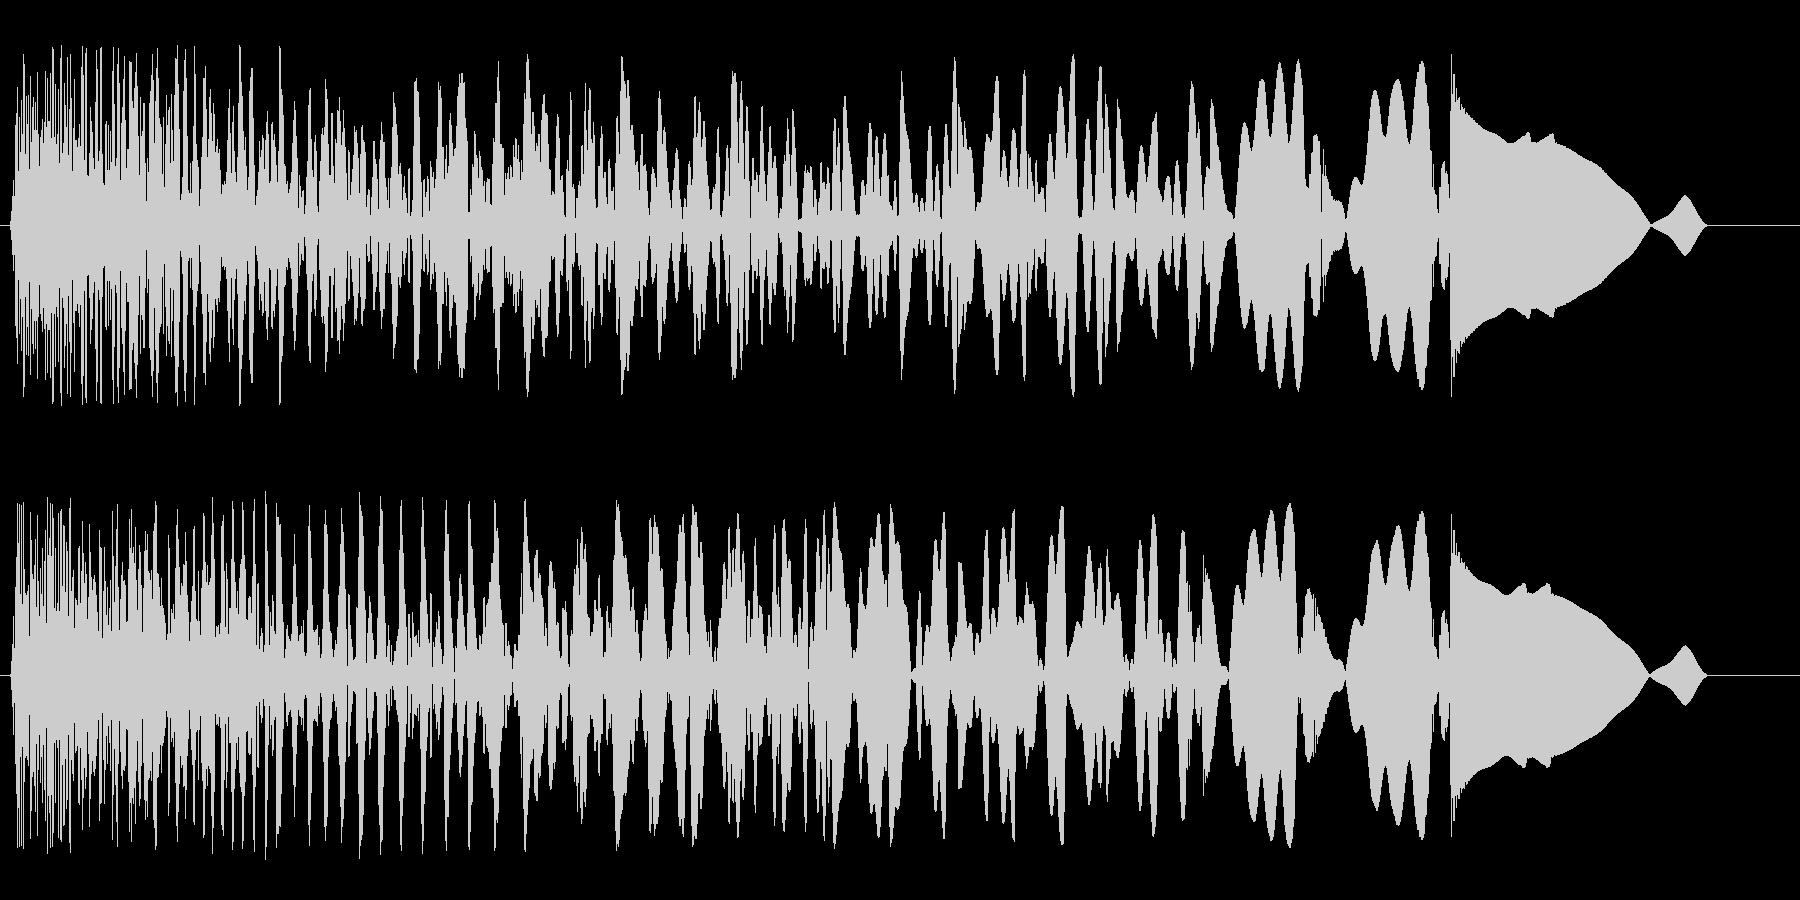 ビュゥゥ〜 (バネの伸び縮みのような音)の未再生の波形